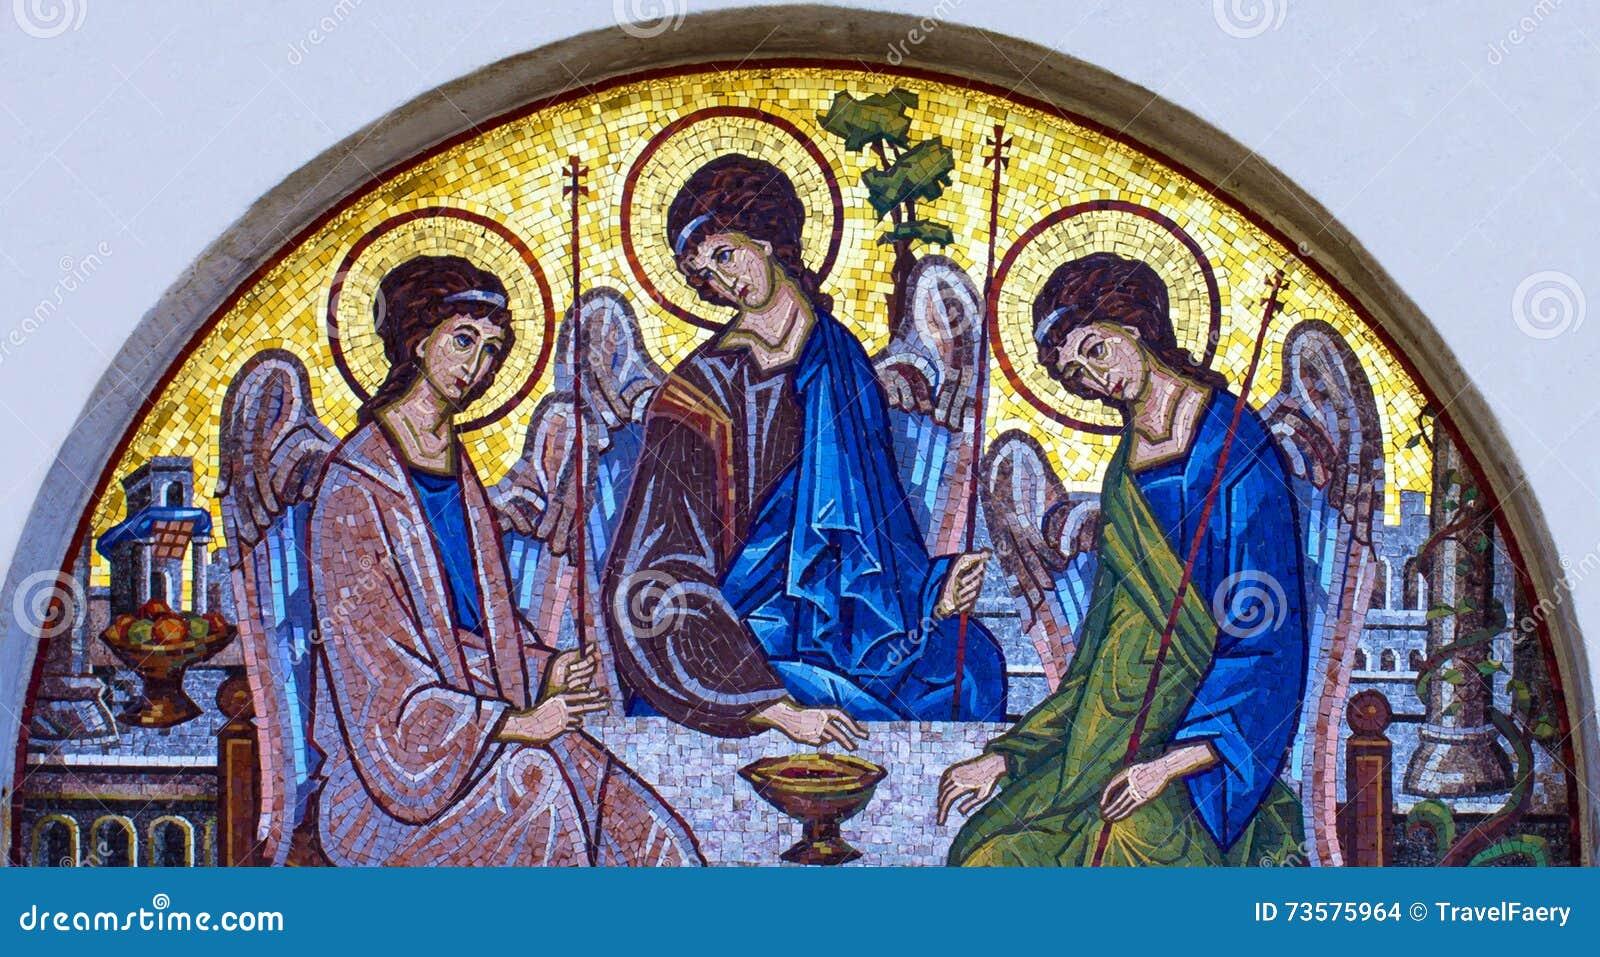 Mosaisk symbol av helig Treenighet i den ortodoxa kyrkan, Budva, Montenegr